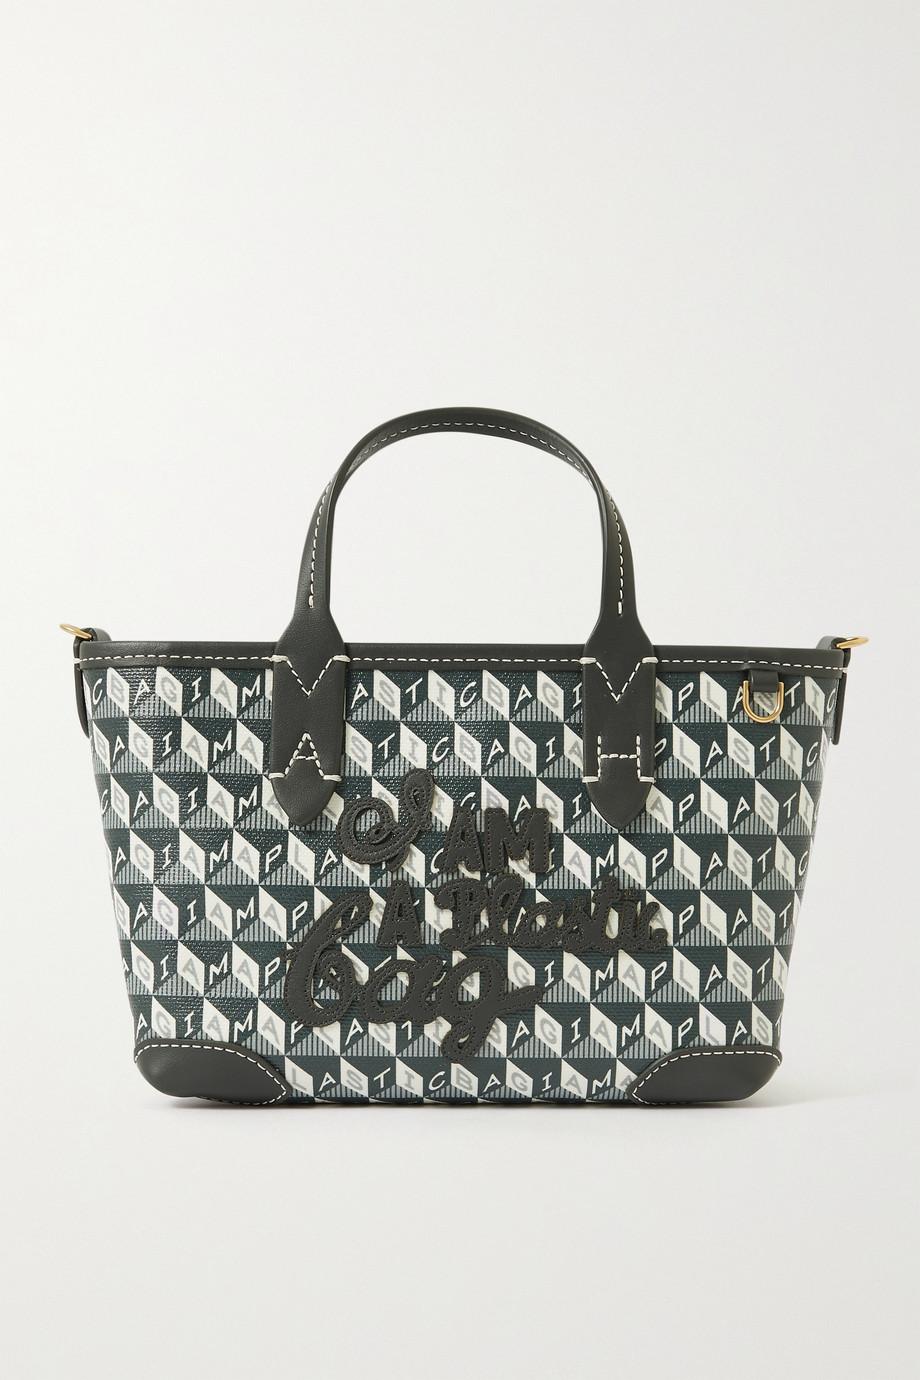 Anya Hindmarch Sac à main en toile enduite imprimée à finitions en cuir I Am A Plastic Bag Mini - NET SUSTAIN